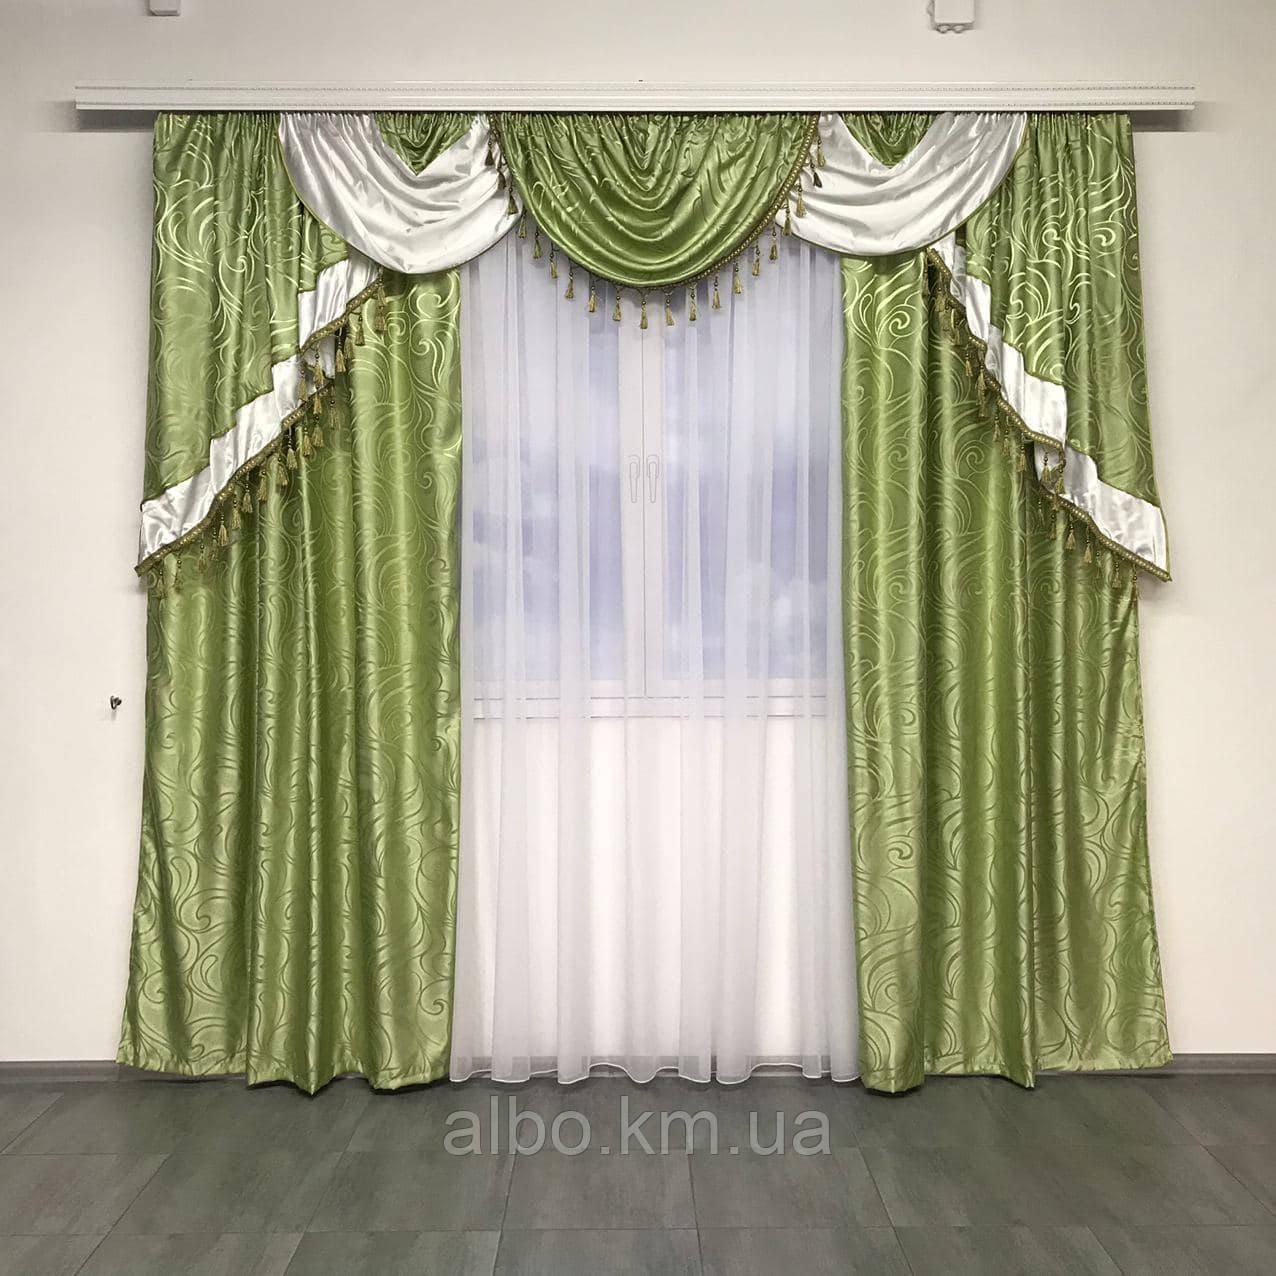 Комплект штор с ламбрекеном для спальни зала кухни, ламбрекен для дома квартиры кухни комнаты, готовый